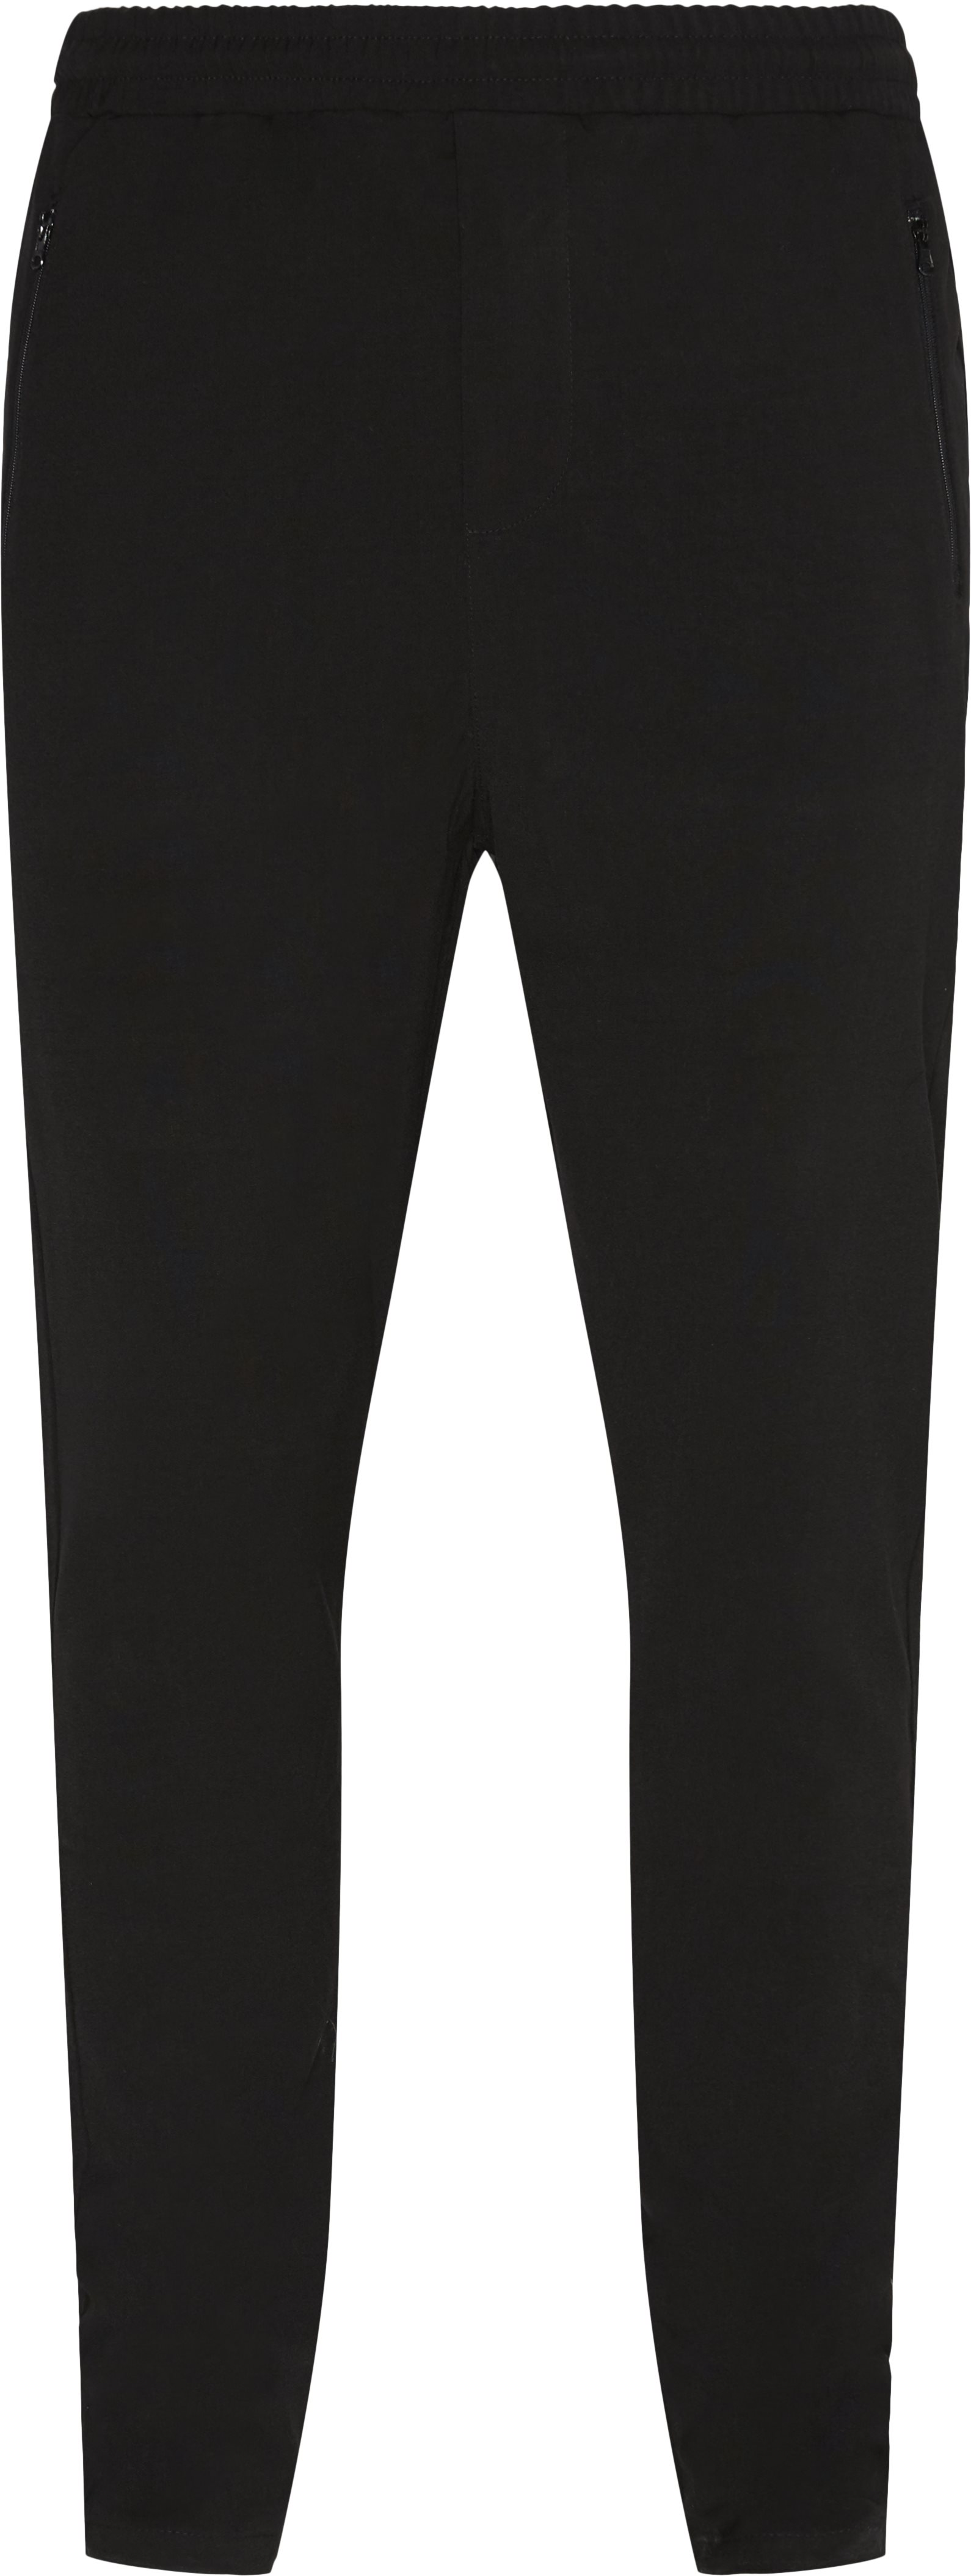 Suit Pant - Bukser - Slim fit - Sort